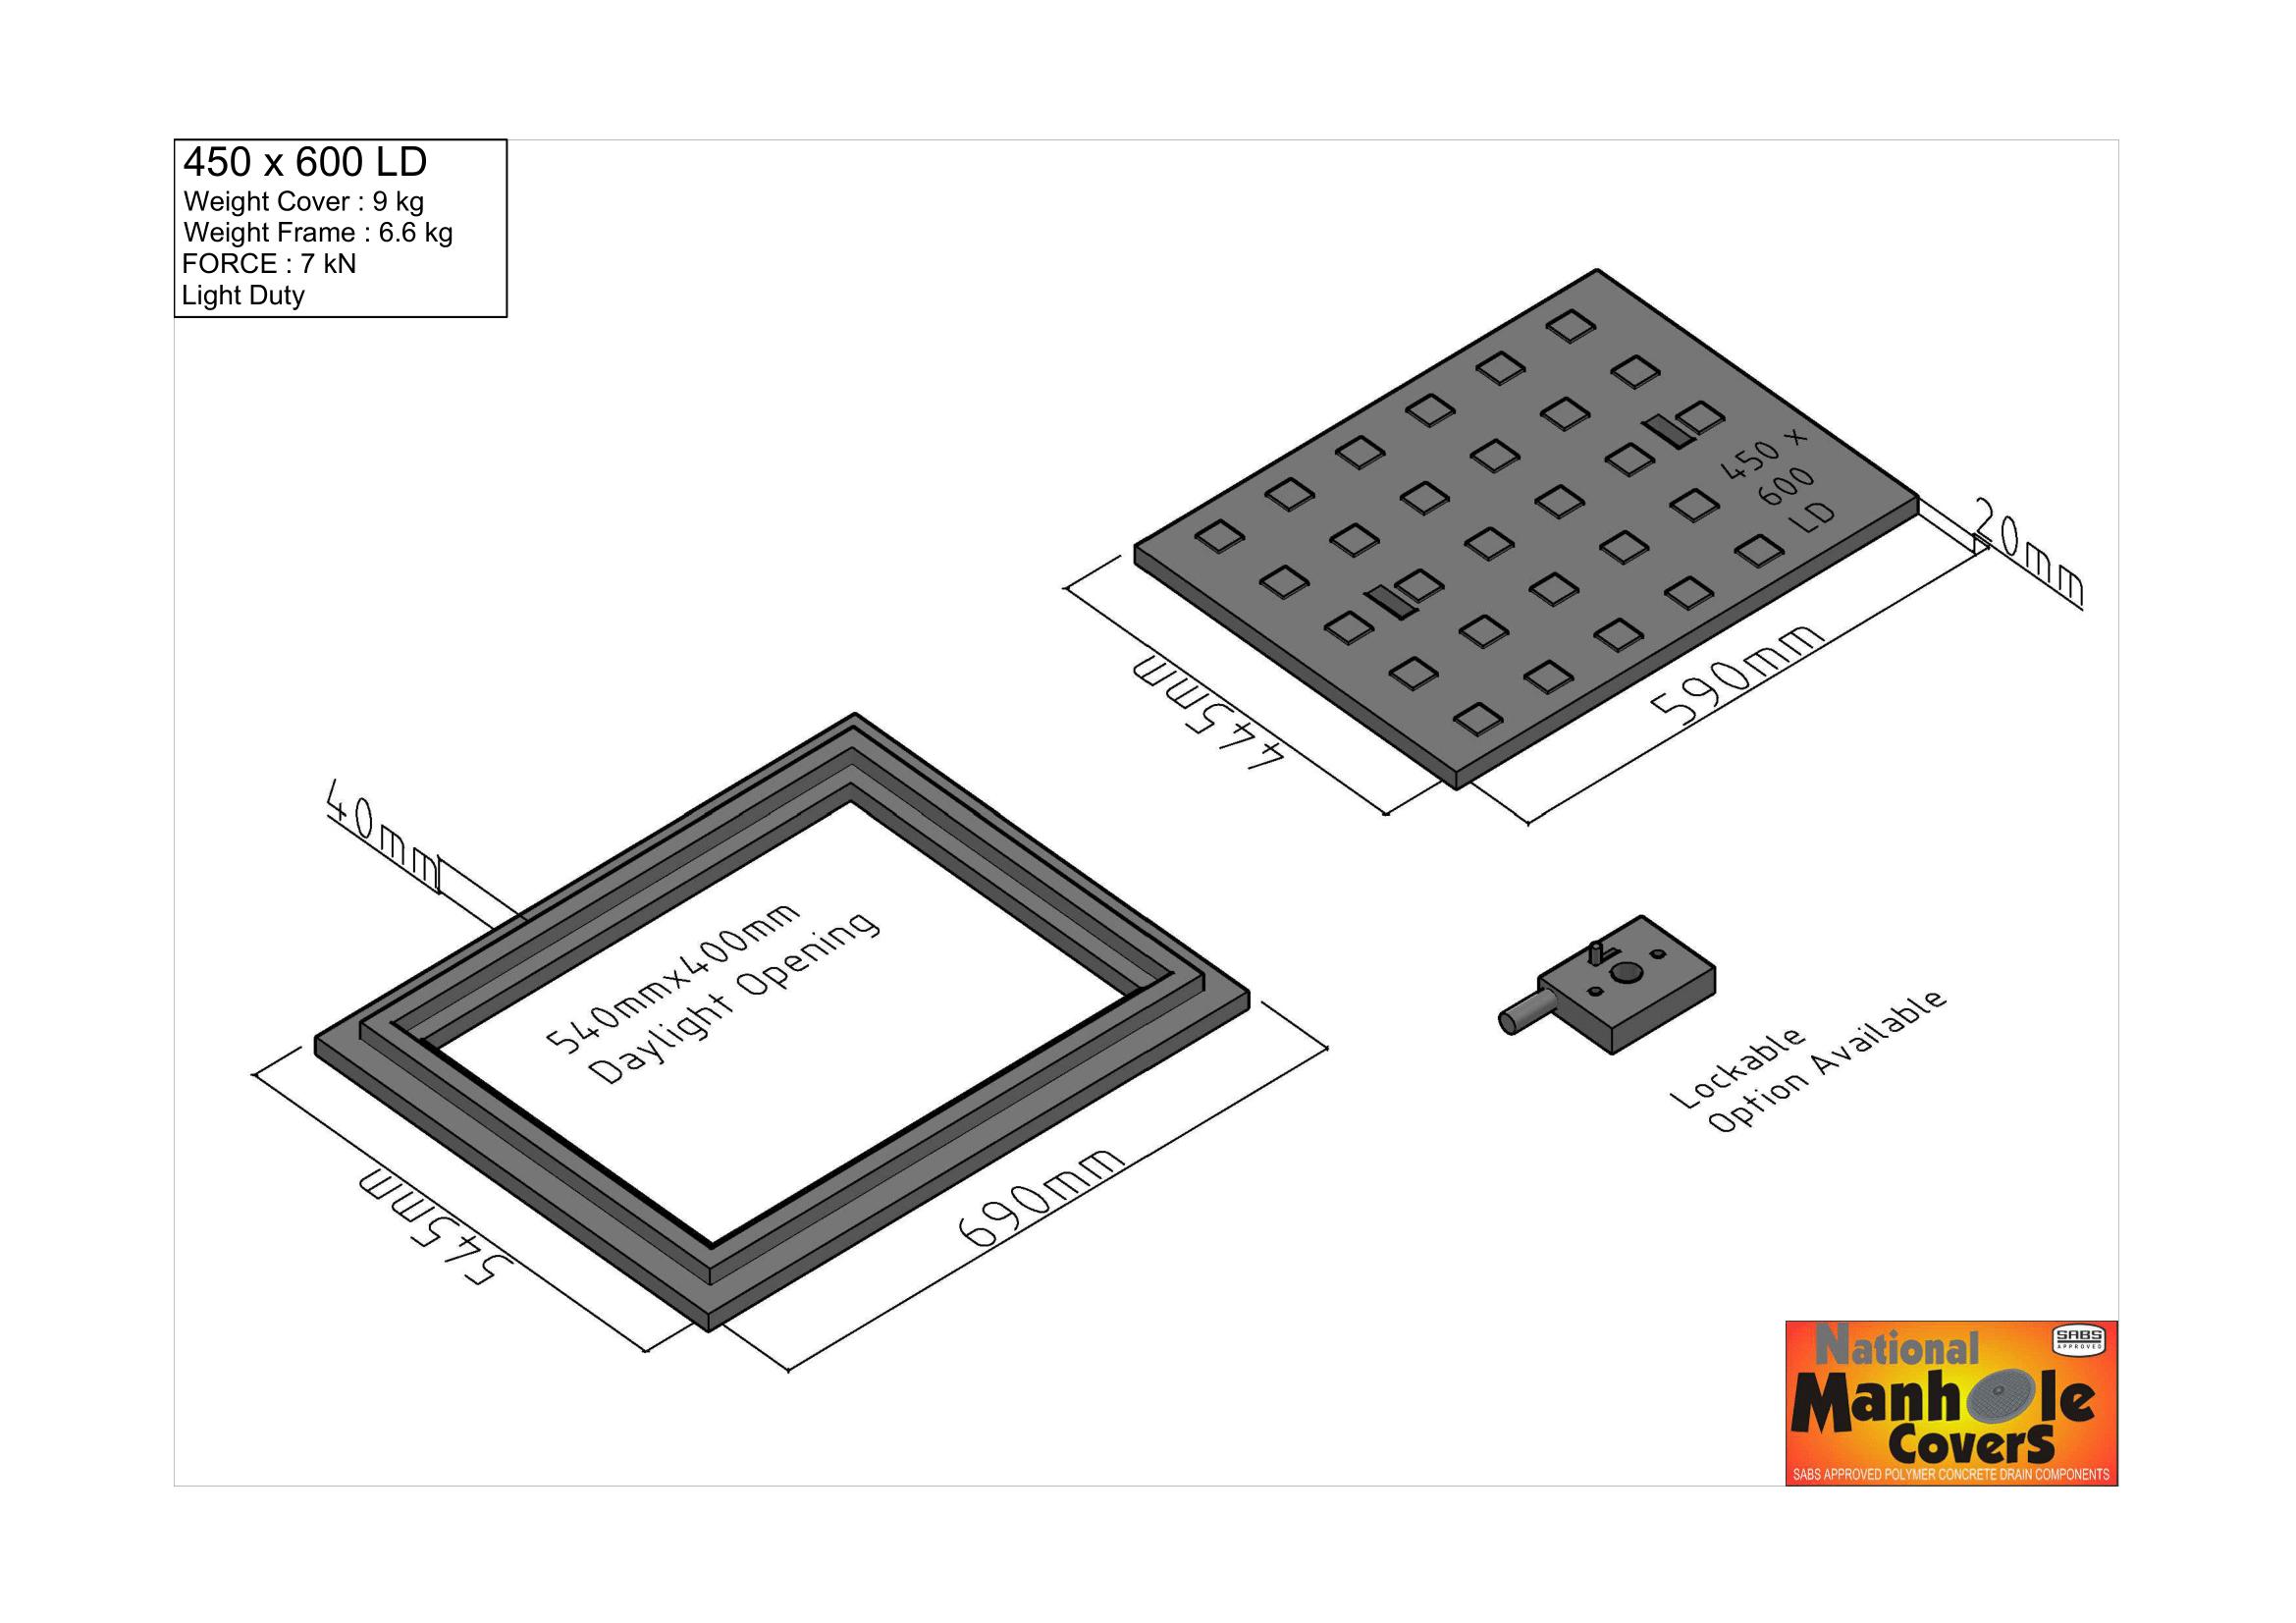 450x600 LD